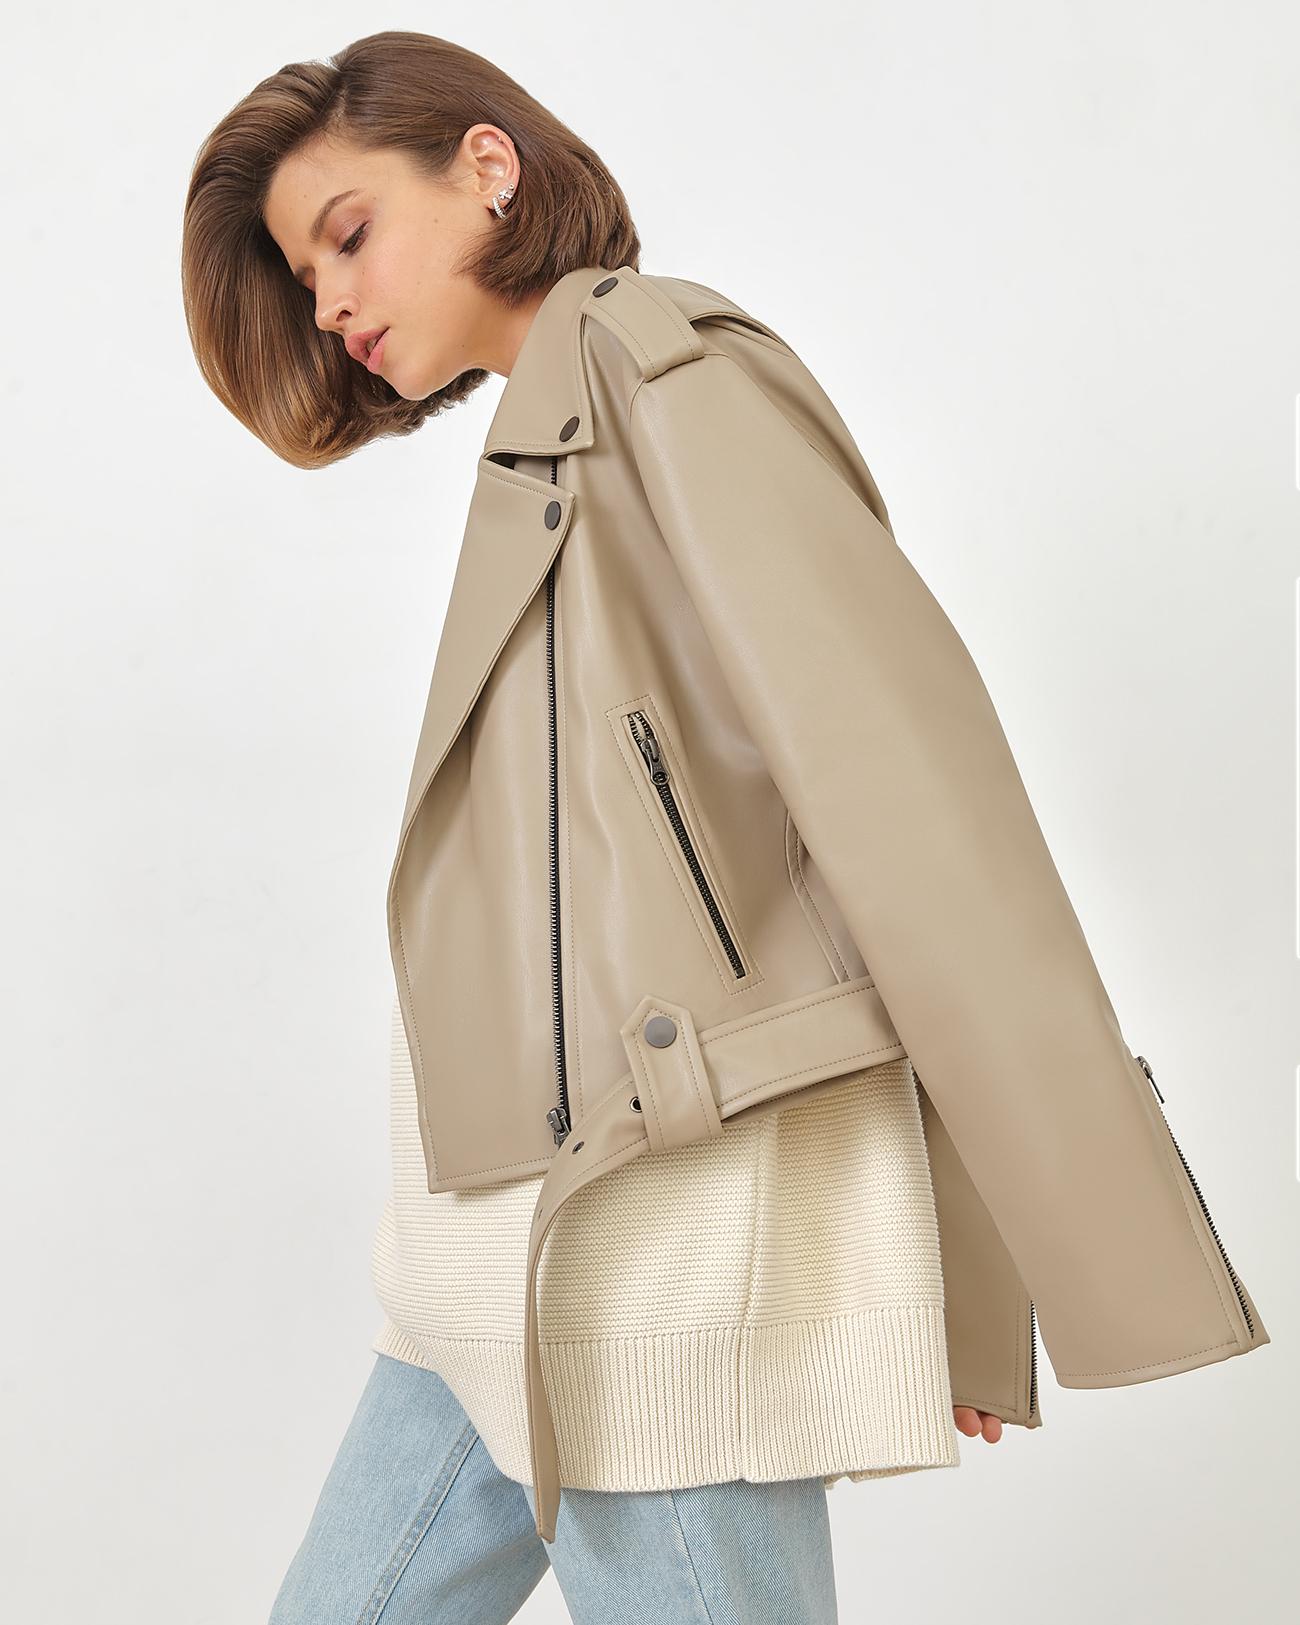 Куртка укороченная из эко-кожи кофейного цвета фото